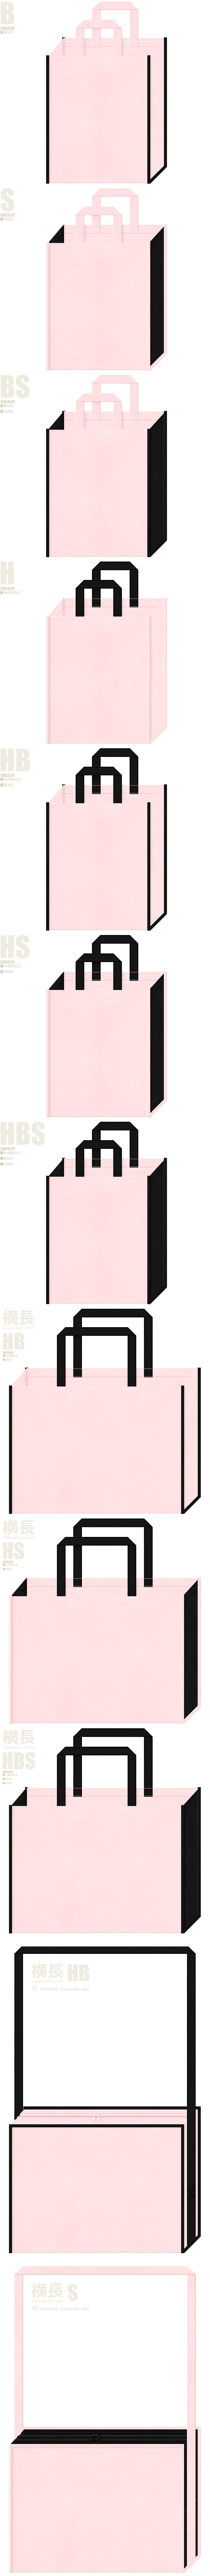 桜色と黒色、7パターンの不織布トートバッグ配色デザイン例。ゴスロリファッションにお奨めです。